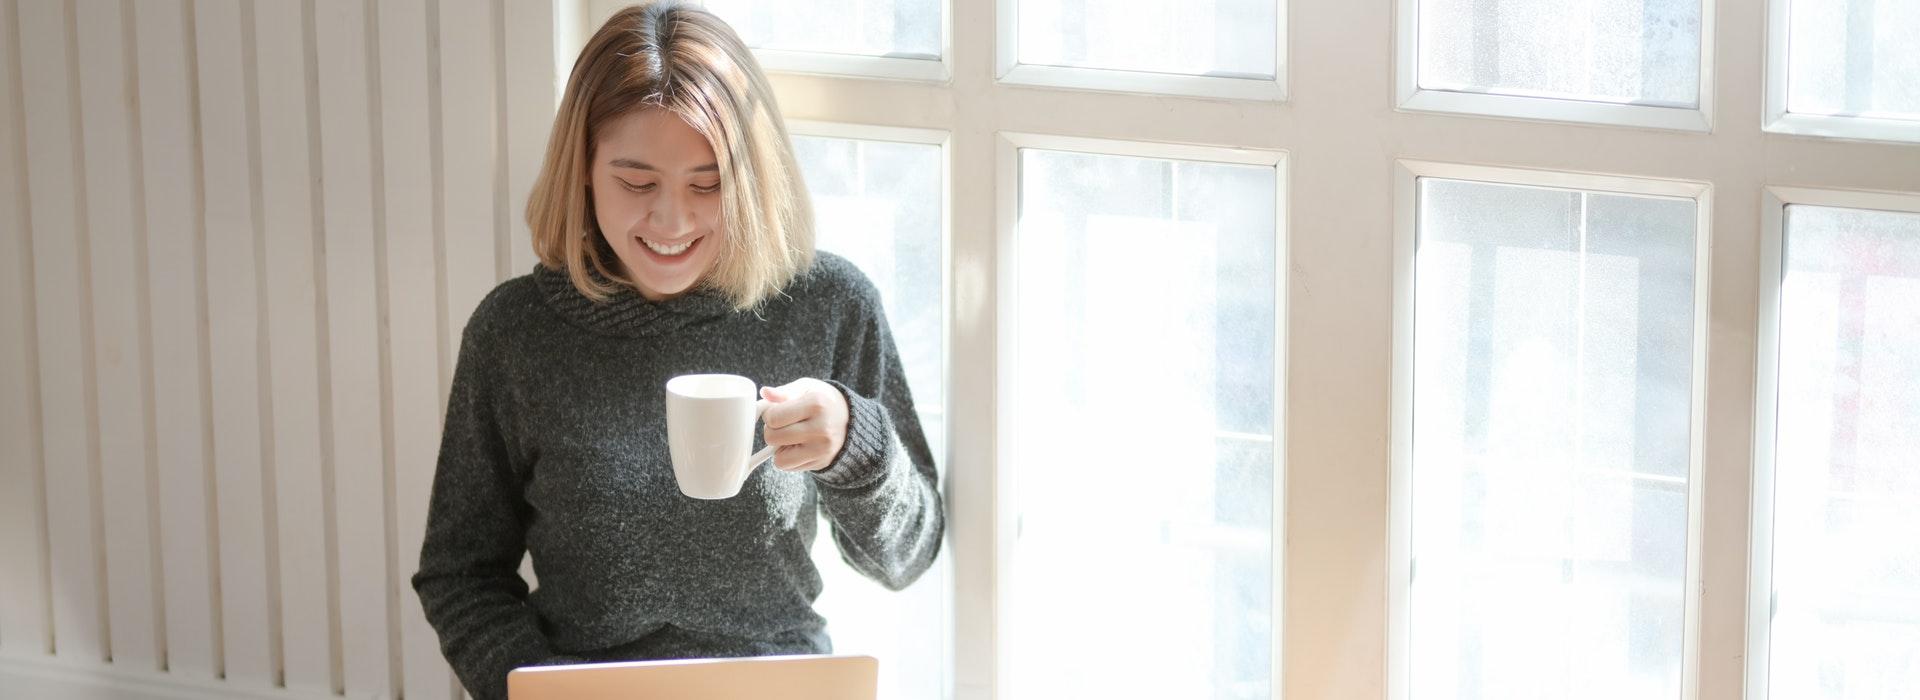 Une femme assise à une fenêtre boit du café et tape sur un ordinateur portable